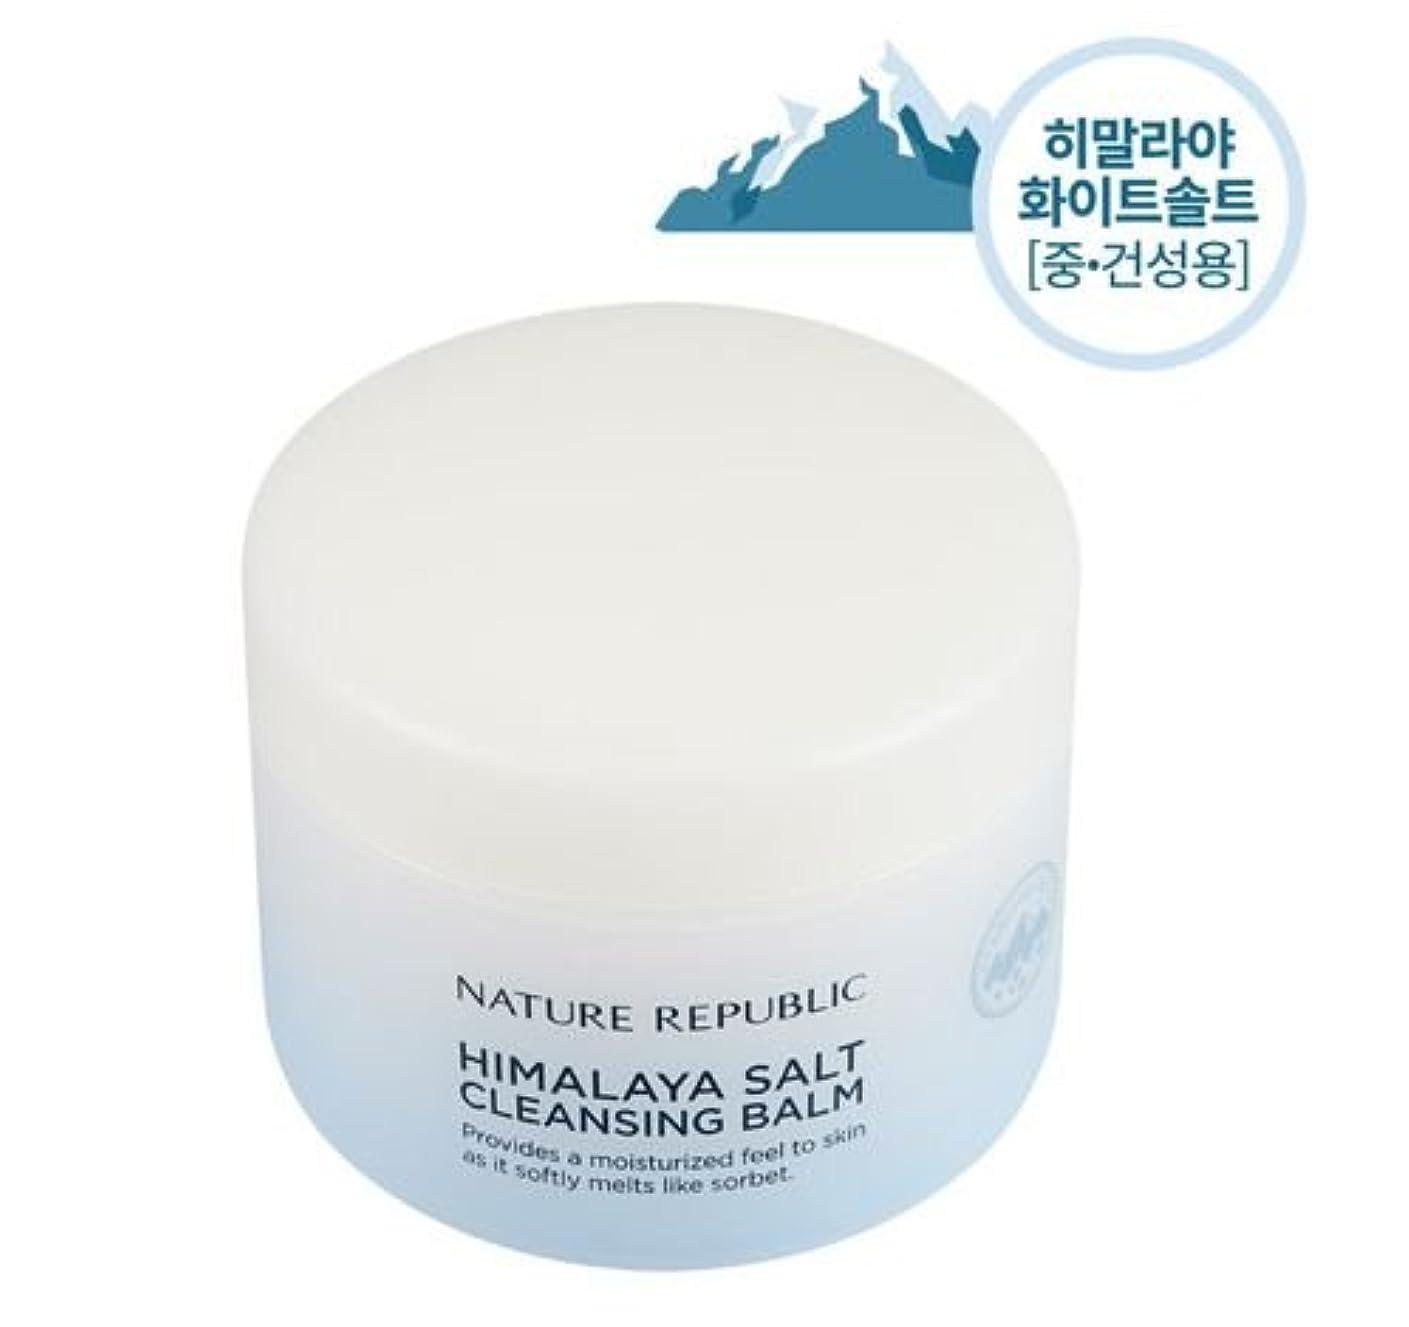 ツール事実上コインNATURE REPUBLIC Himalaya salt cleansing balm (white salt)ヒマラヤソルトクレンジングバーム(white salt) [並行輸入品]